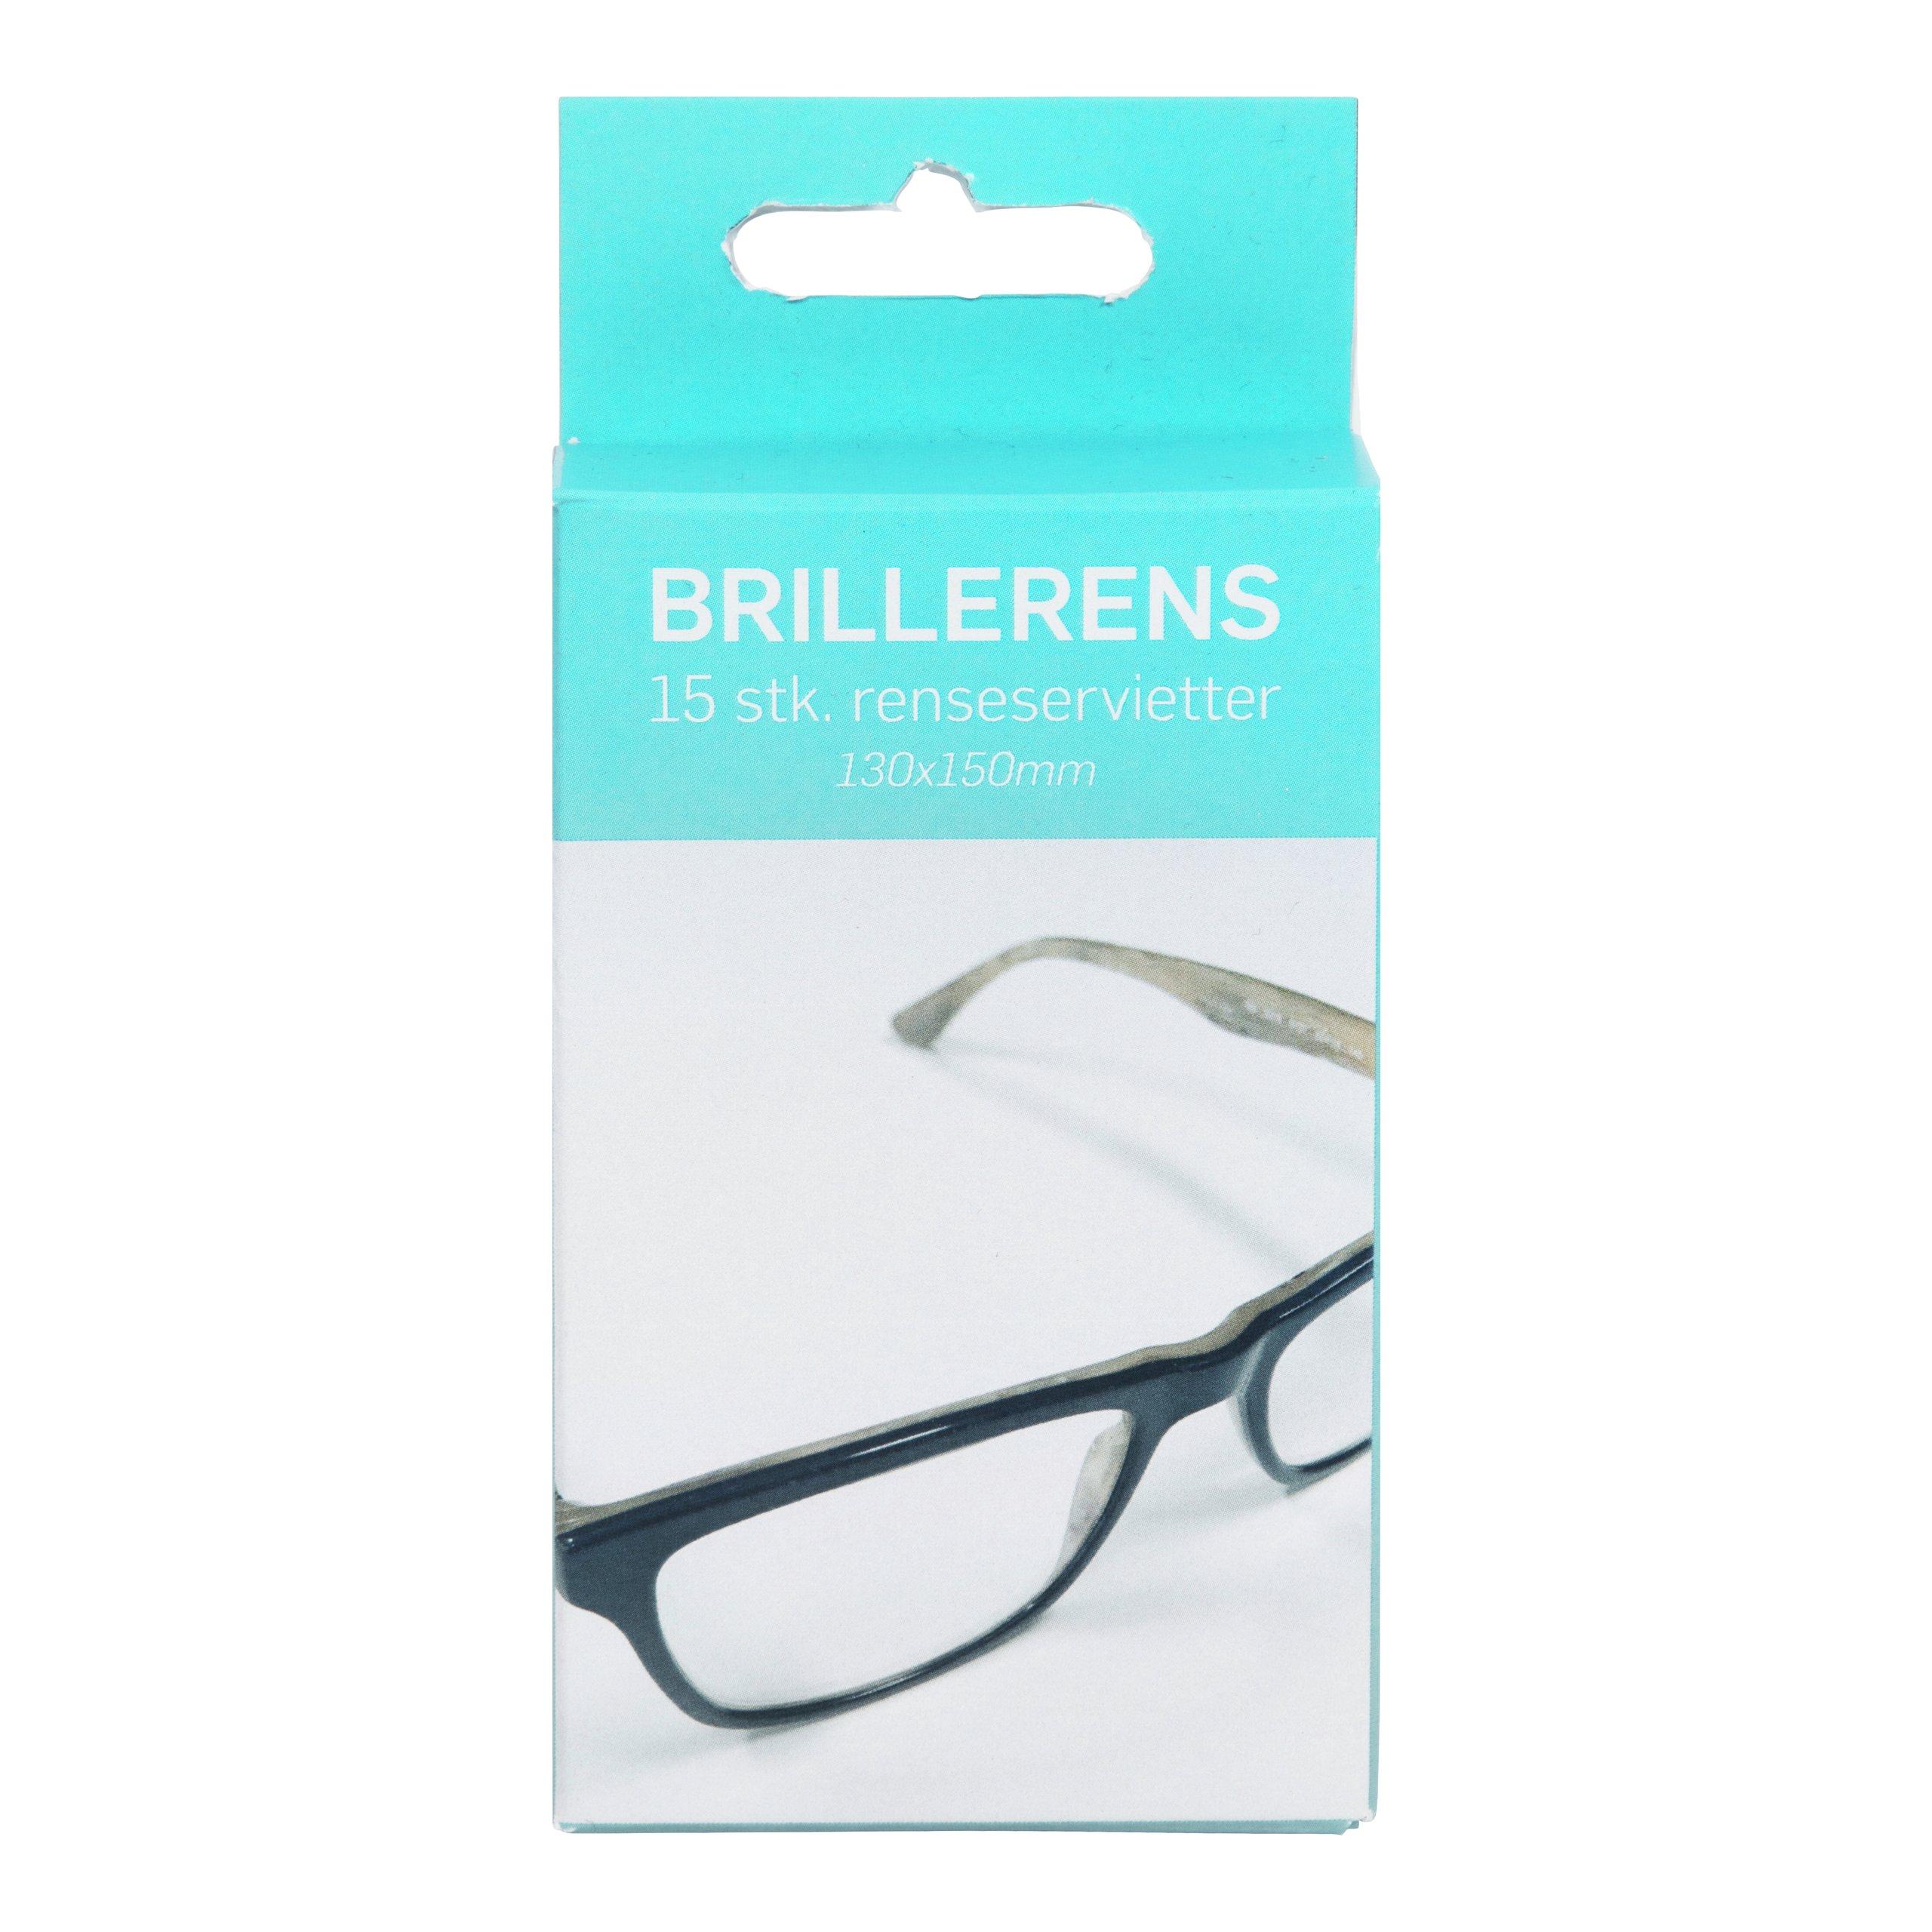 BRILLERENS-BRI600